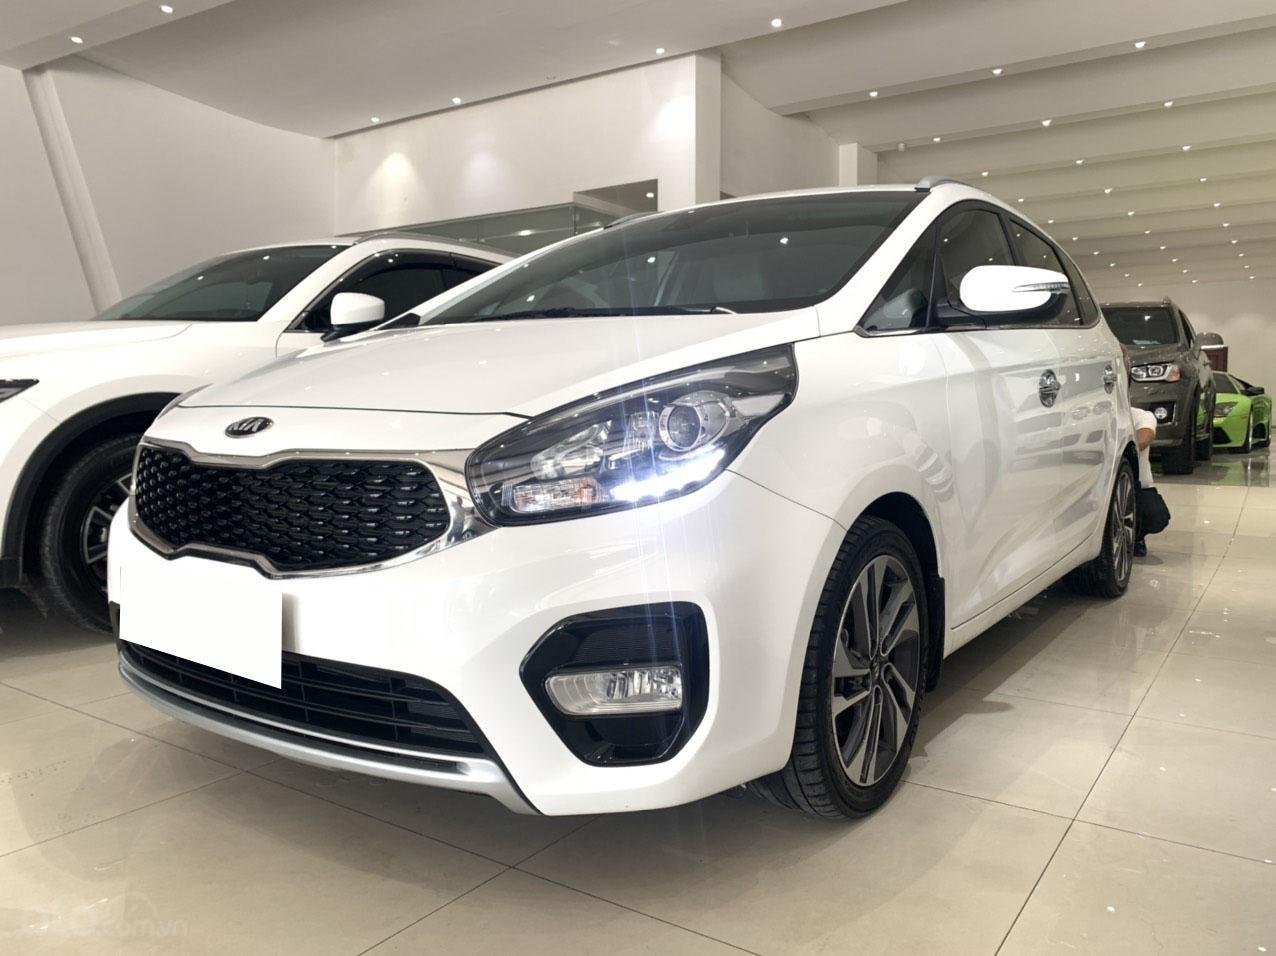 Bán xe Kia Rondo GAT 2.0 2018 cực đẹp (3)